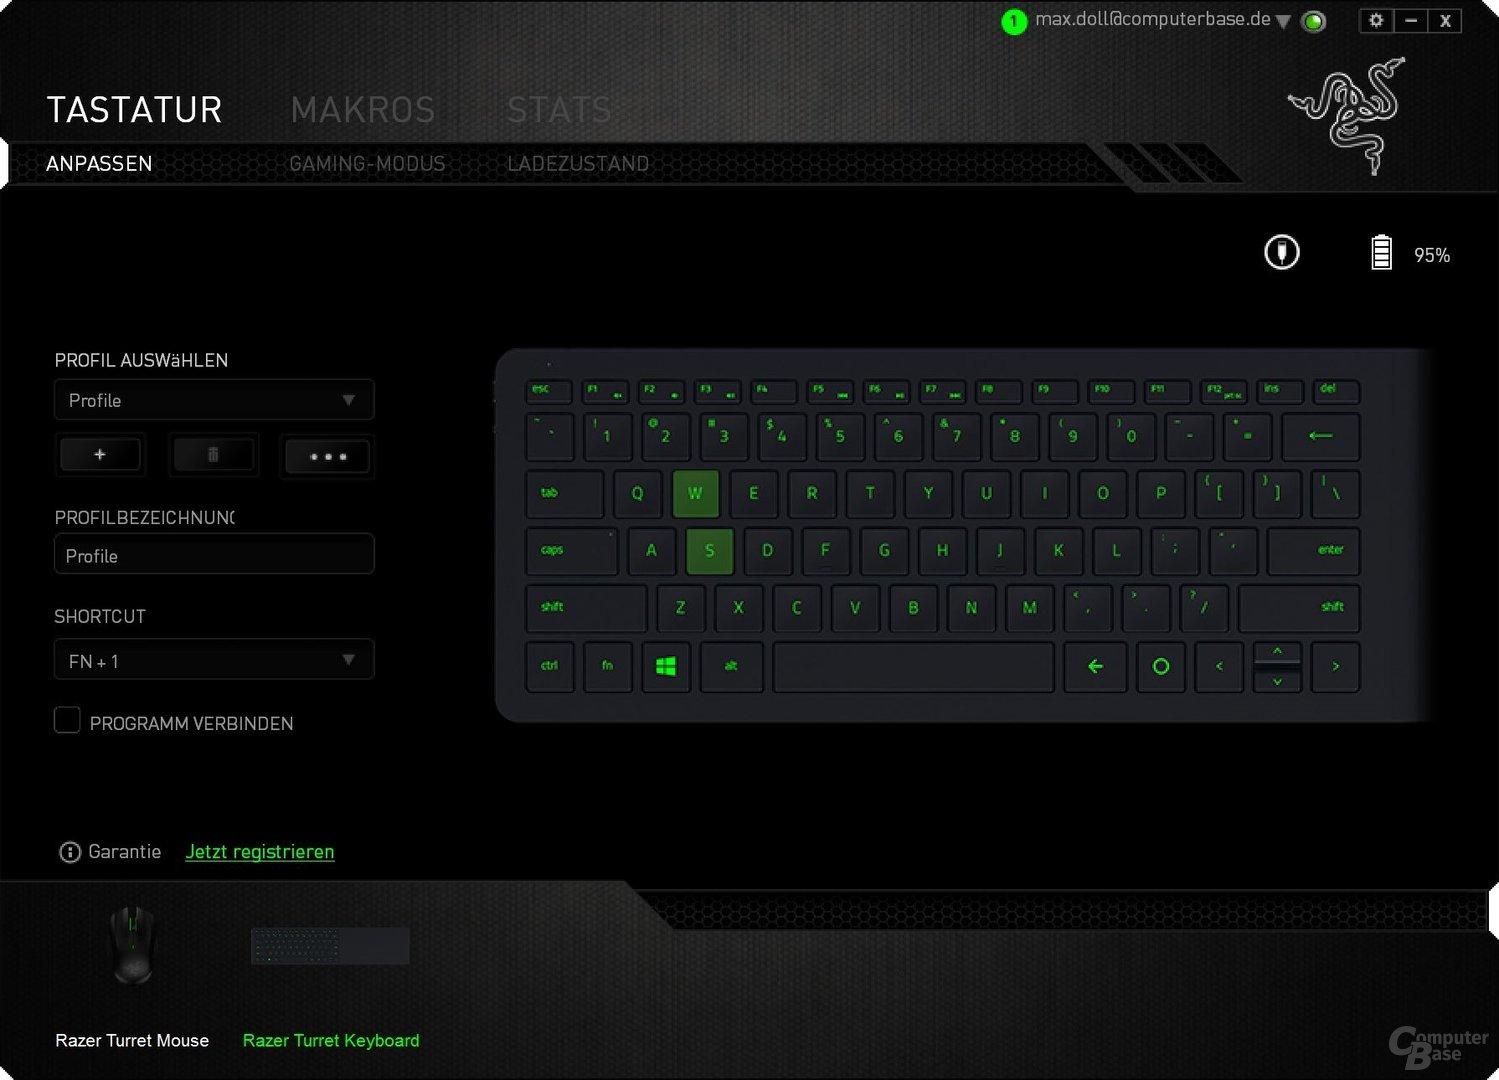 Auch die Tastatur ist vollständig konfigurierbar